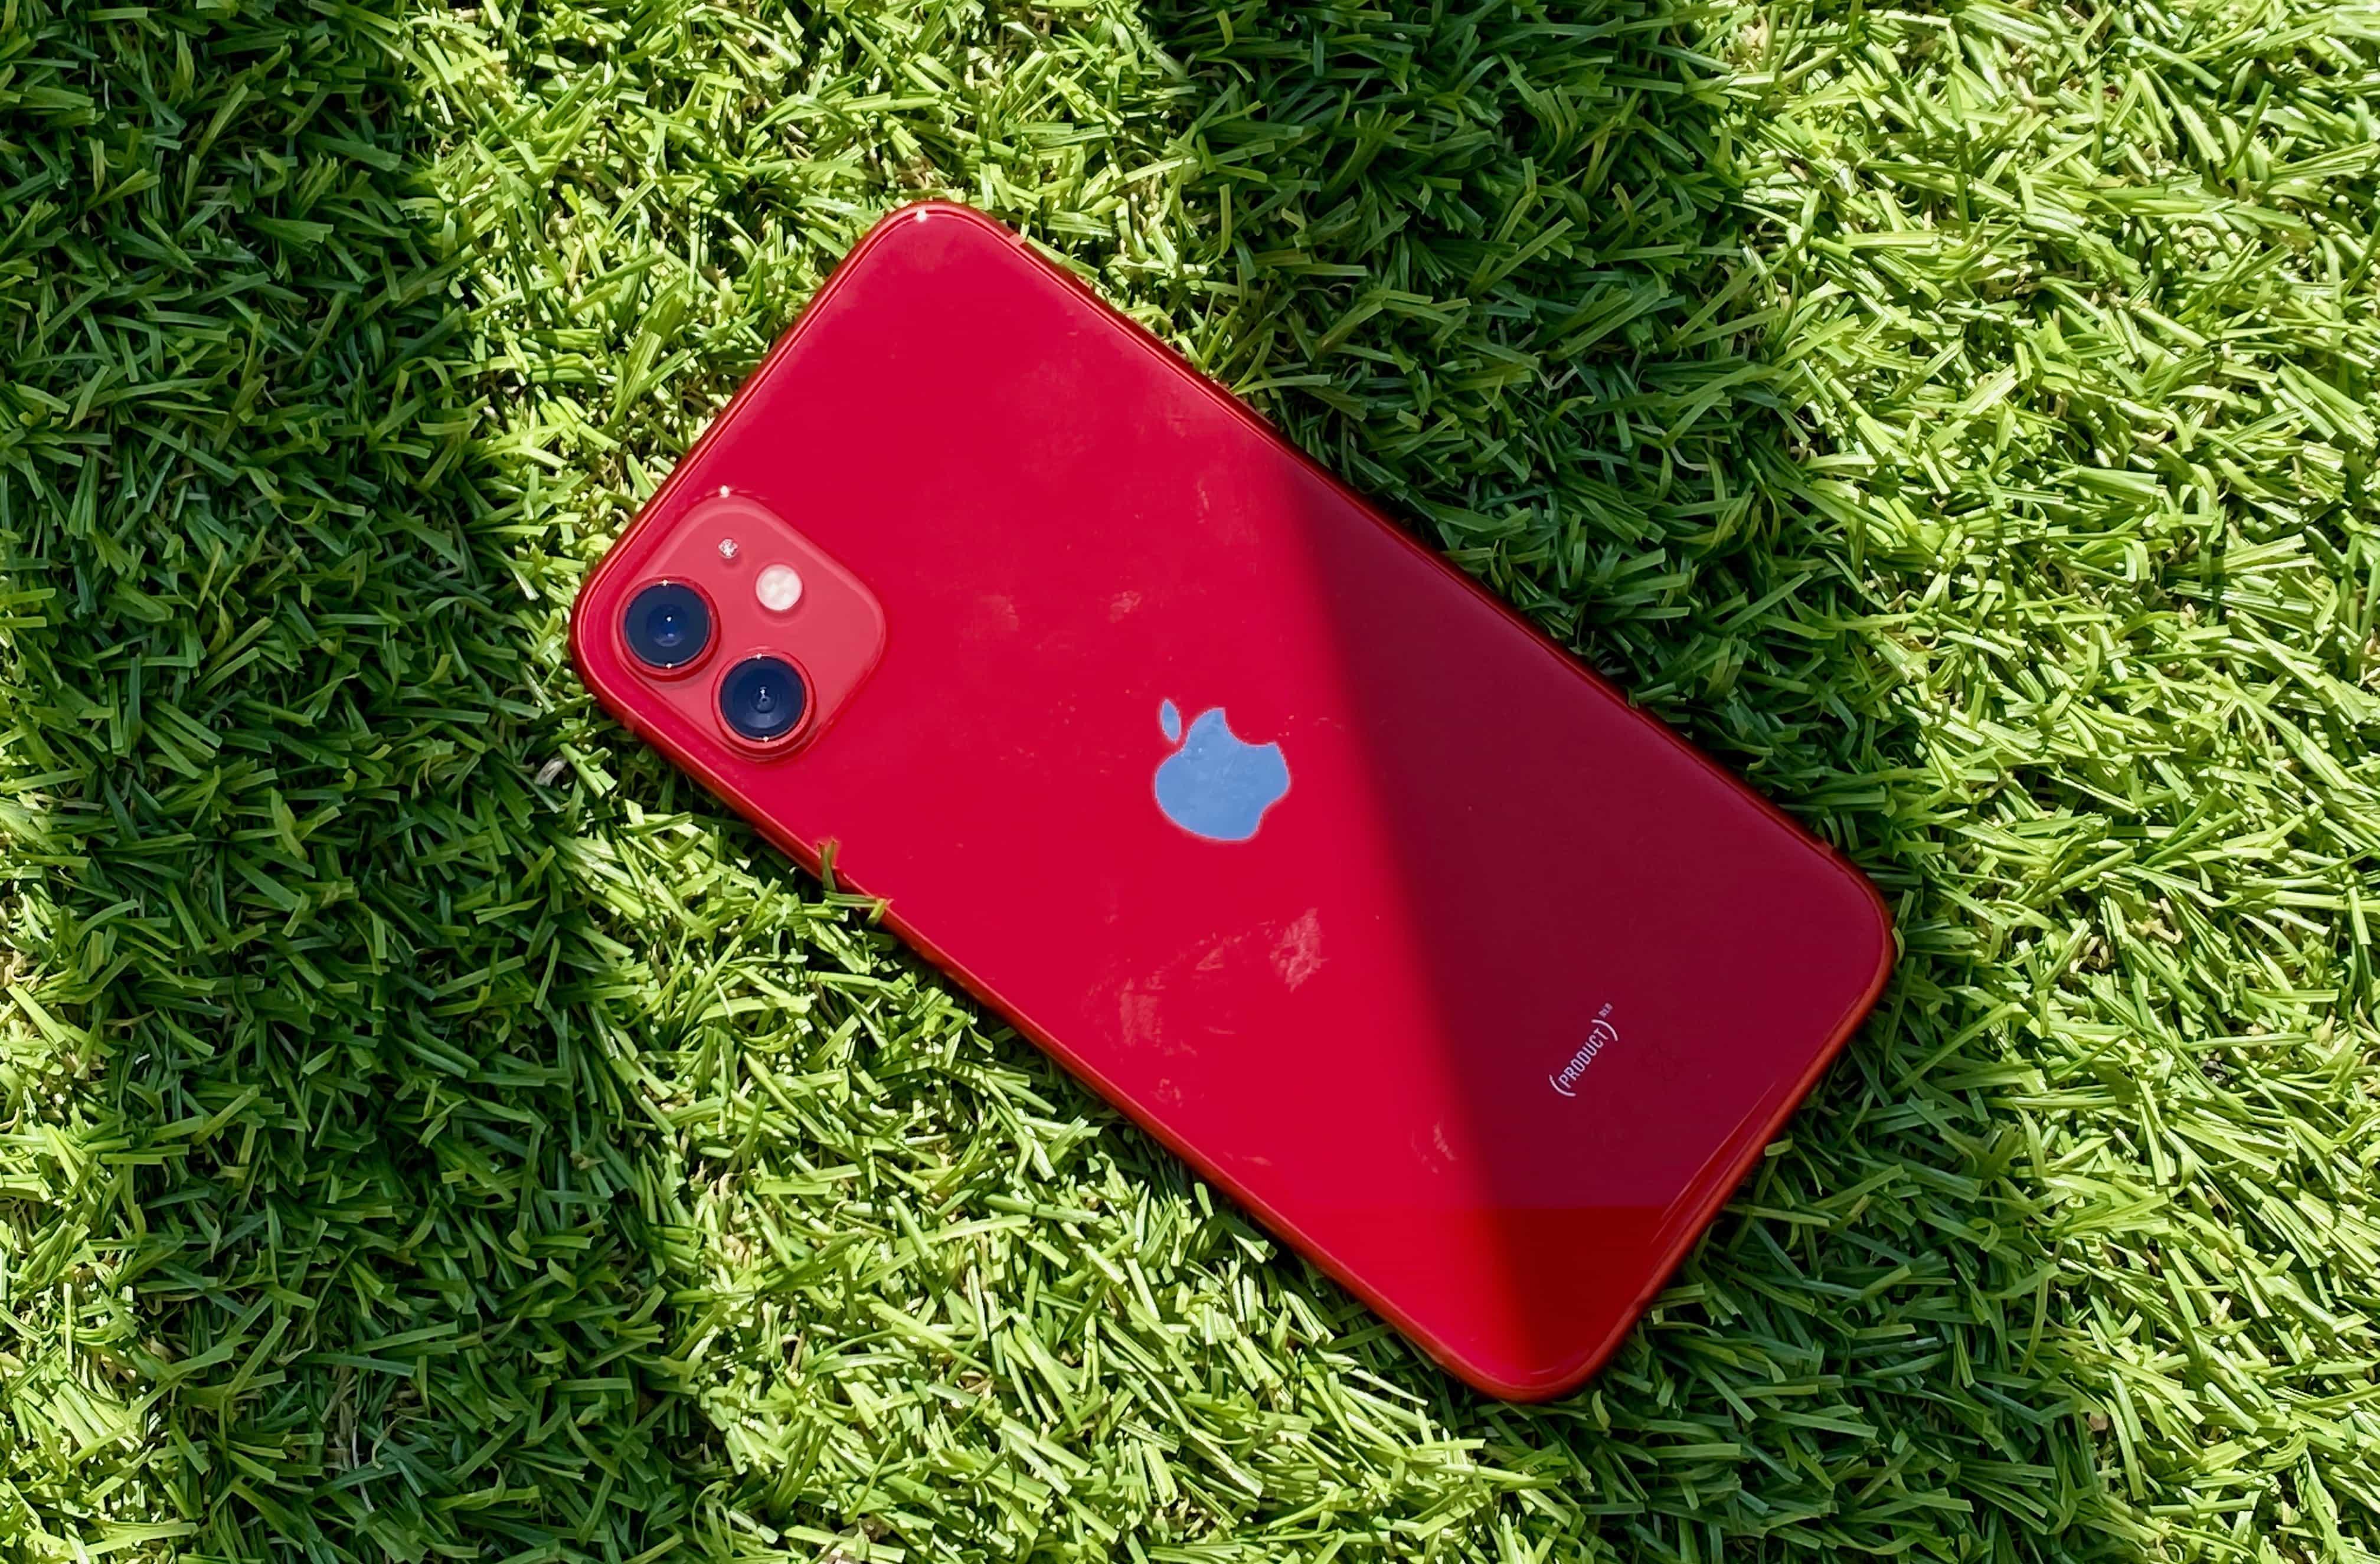 El iPhone 11 sigue brillando a medida que se aplanan las ventas del iPhone 11 Pro Max